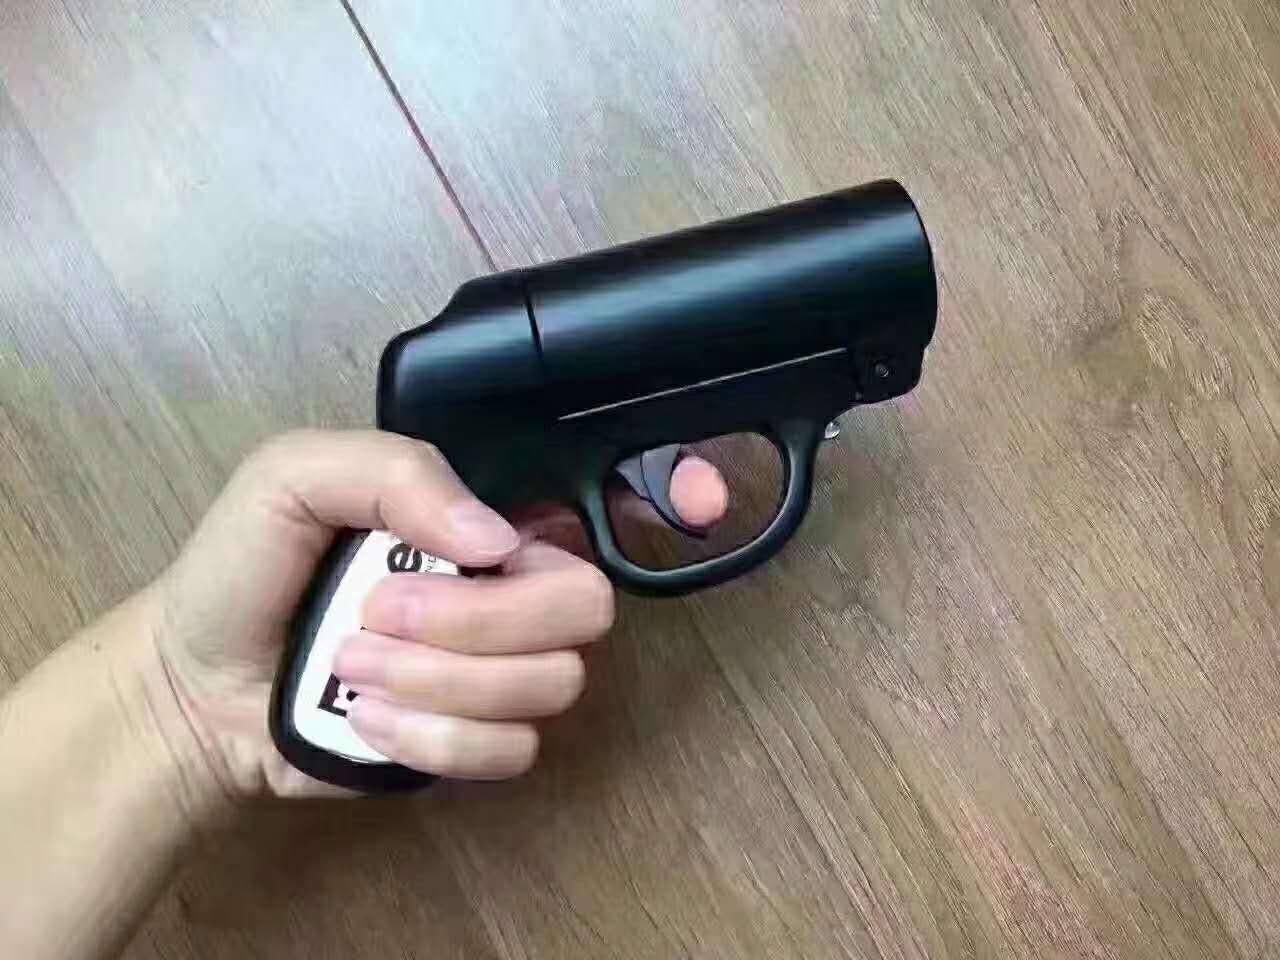 经典款梅西MACE火龙辣椒水枪形一代防狼喷雾剂 火龙喷雾 可更换填充剂 带暴闪瞄准